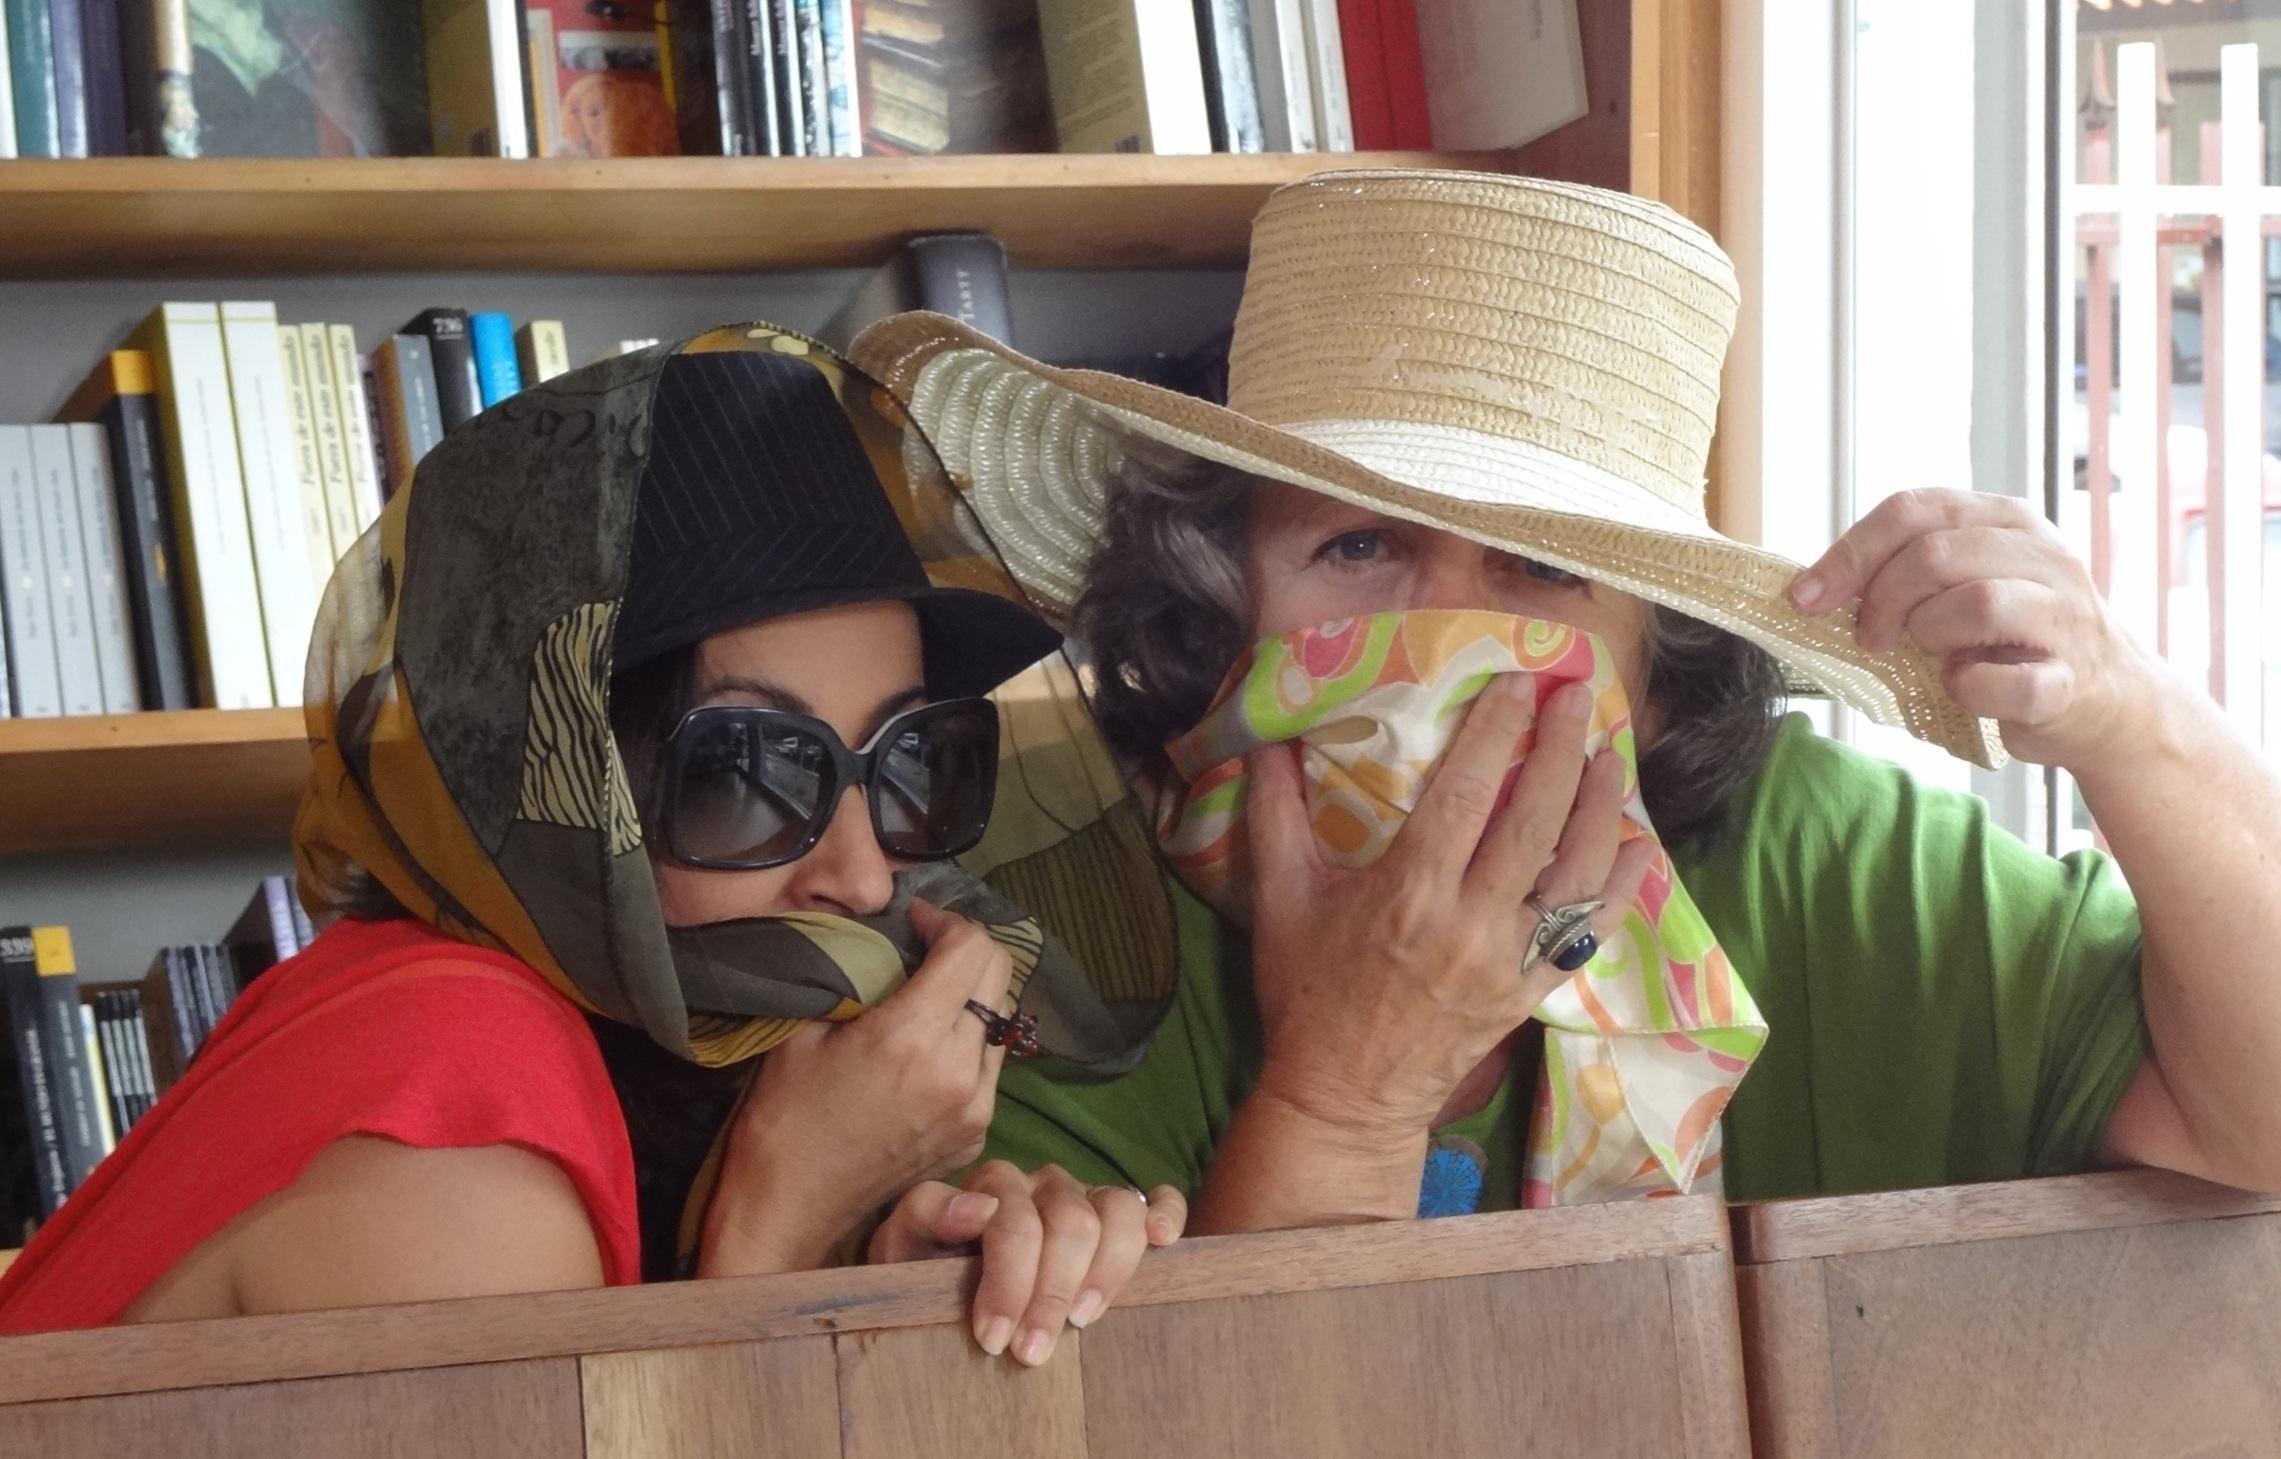 """""""La Otra.com"""" se presenta este viernes 2 en Antares Café en Caguas, mientras el próximo viernes 9 subirá a escena en Celebrate Puerto Rico y el sábado 10 en Proscenium en Ponce, en funciones a las 9:00 p.m. (Foto Adriana Pantoja)"""